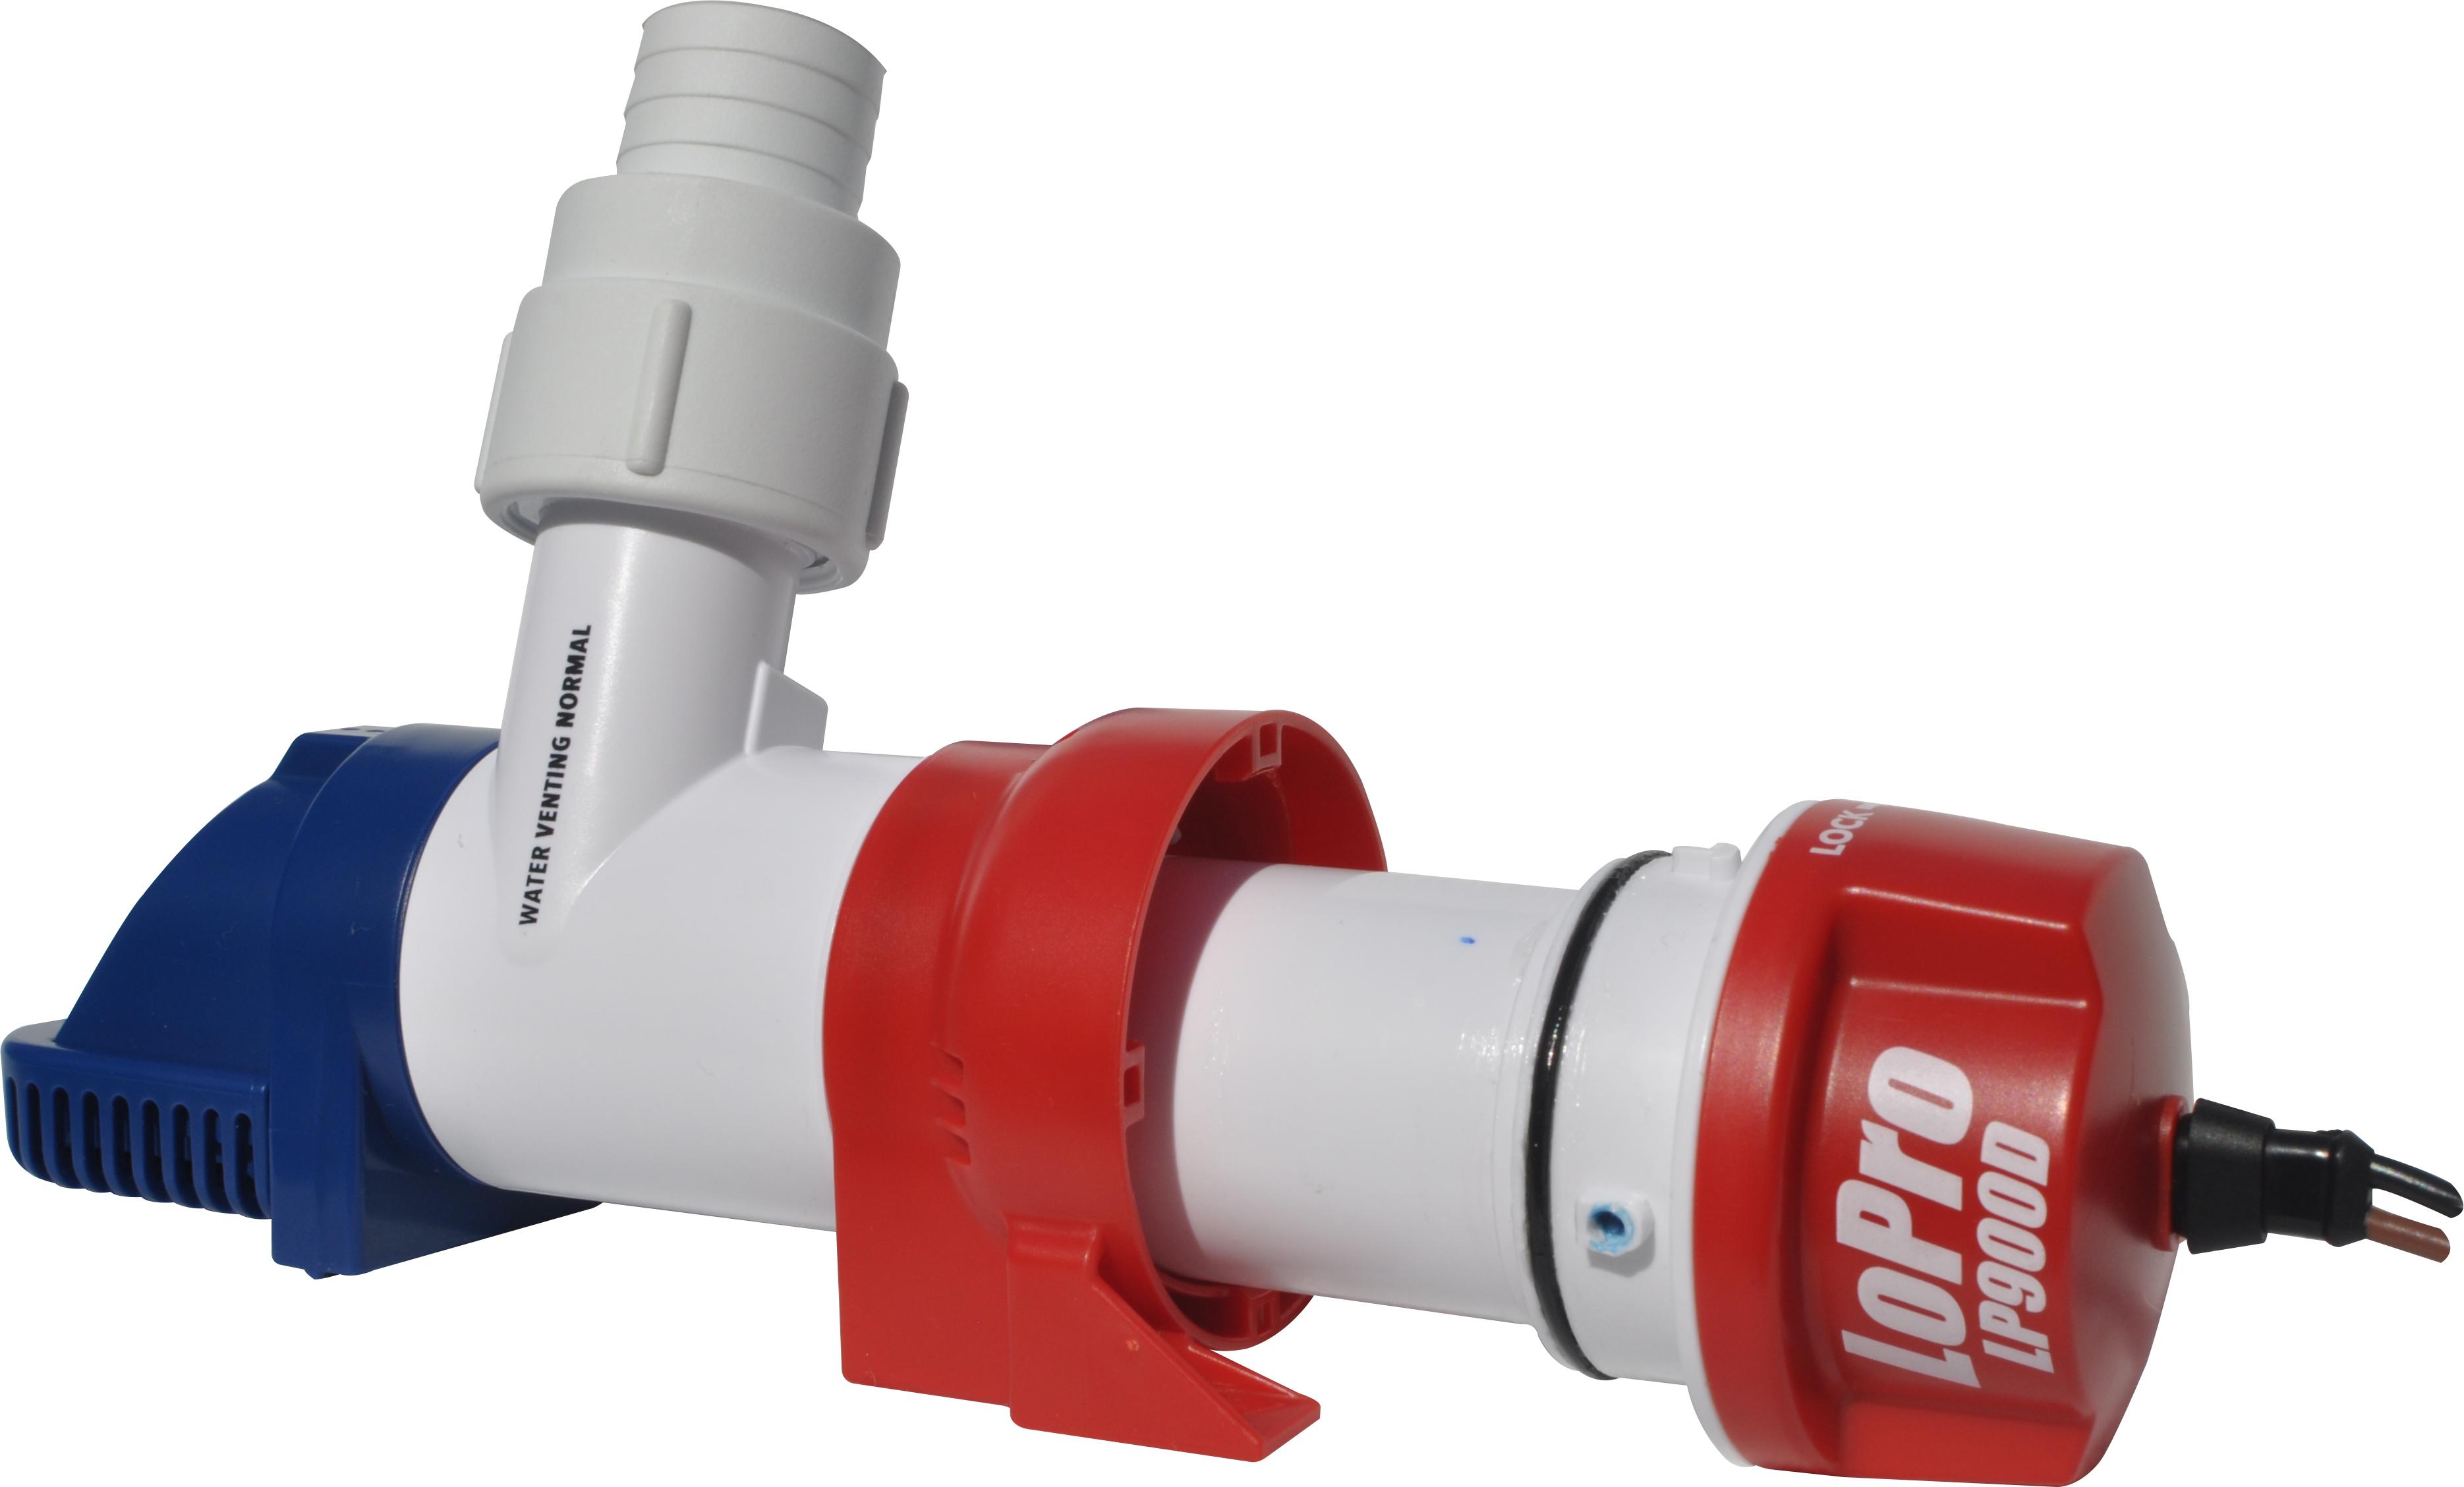 lp900_lopro 900d 2 rule lp900d rule lopro submersible pump rule bilge pumps  at nearapp.co